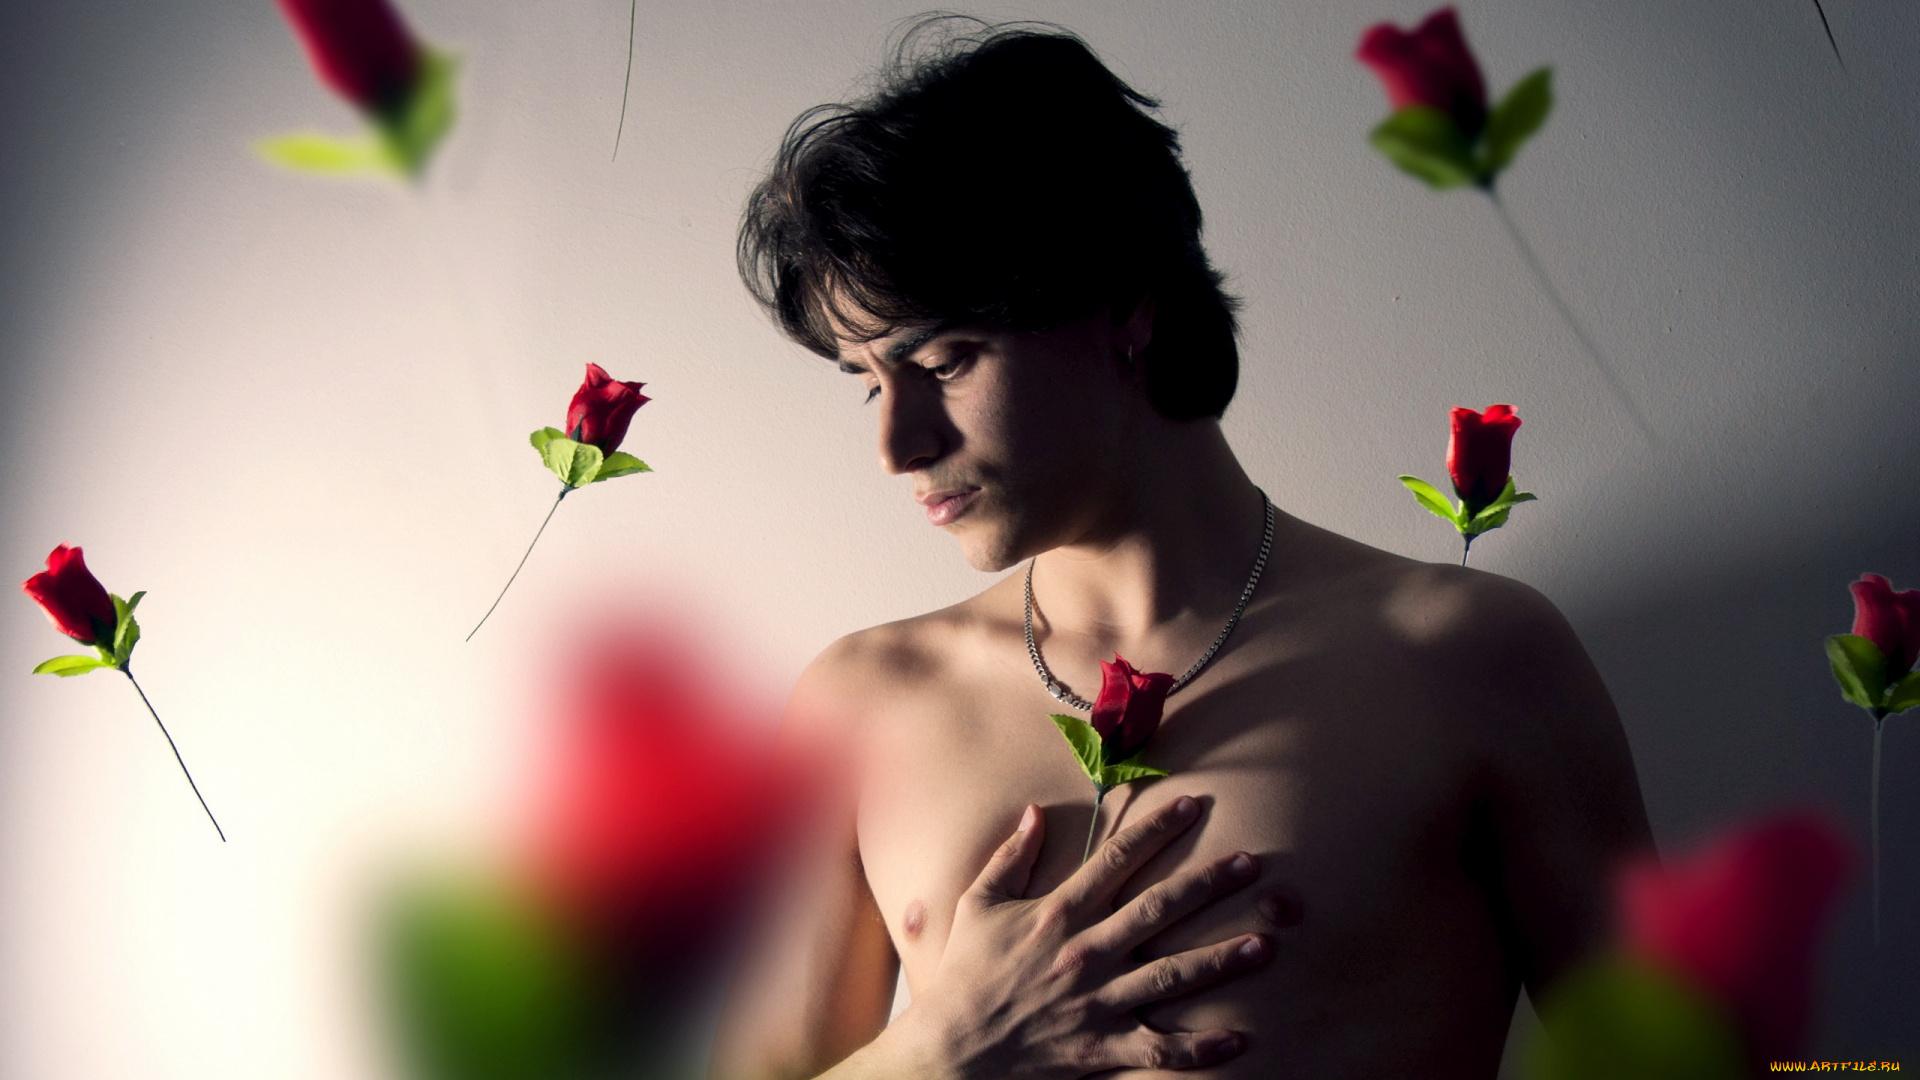 Картинки на телефон с парнями и розами